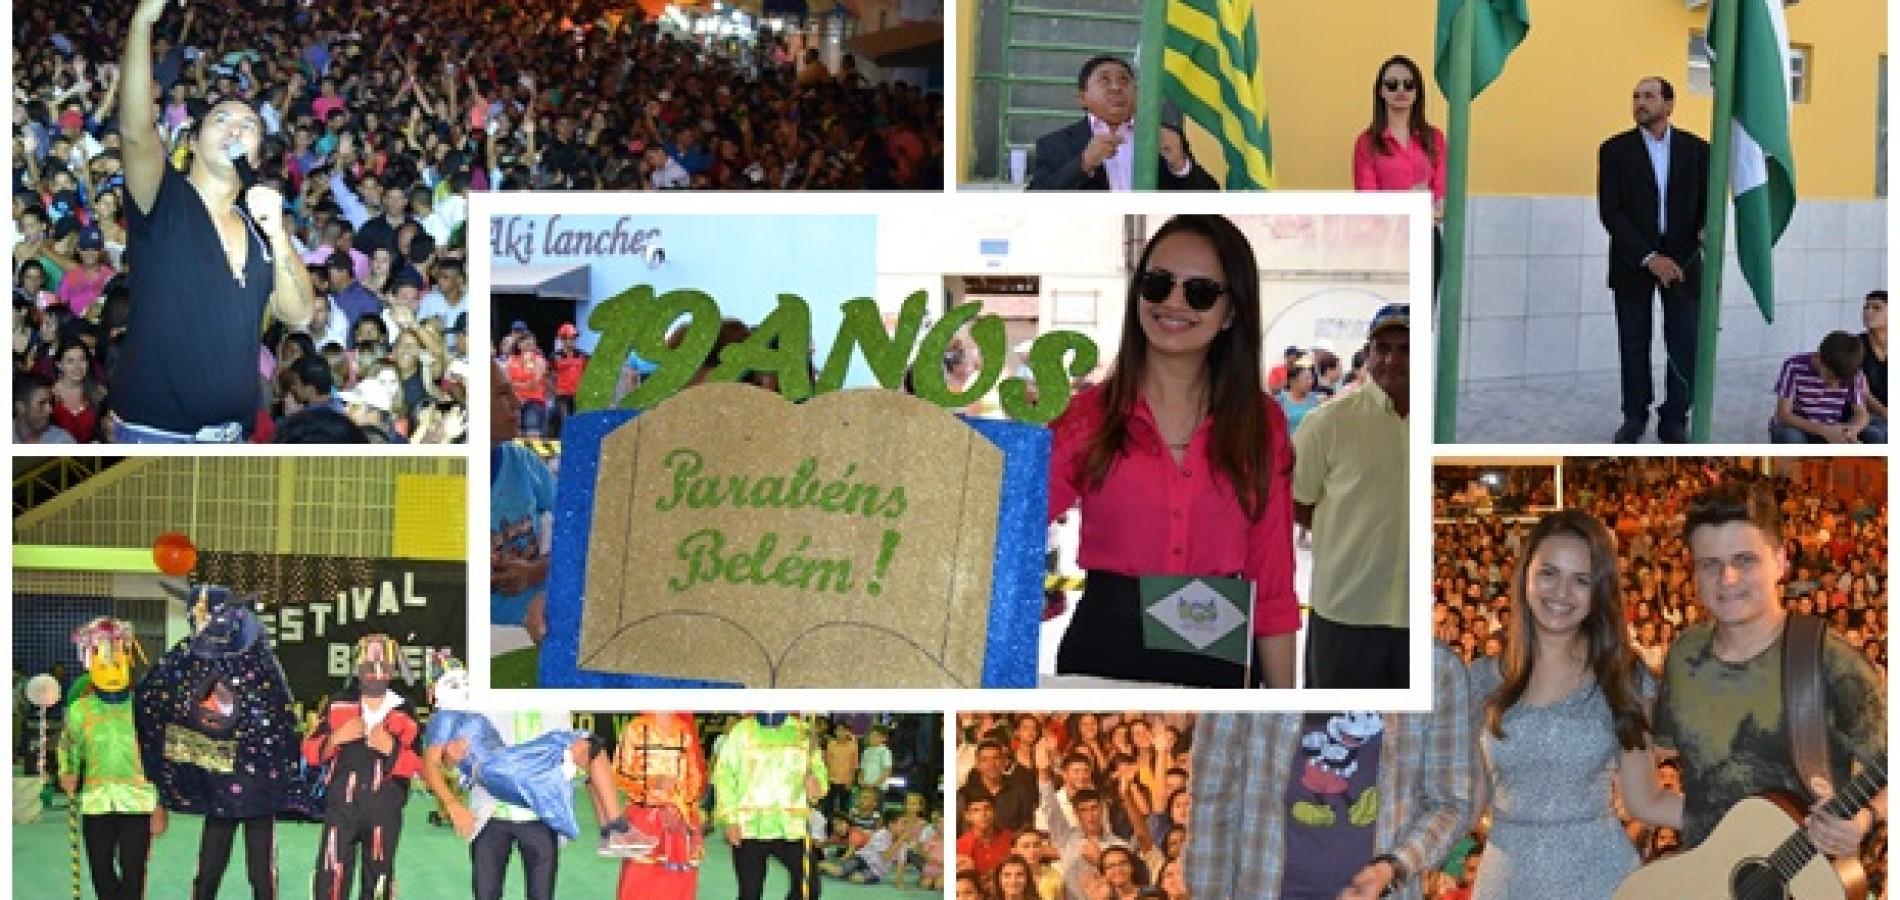 Veja a cobertura fotográfica dos melhores momentos do aniversário de Belém do Piauí